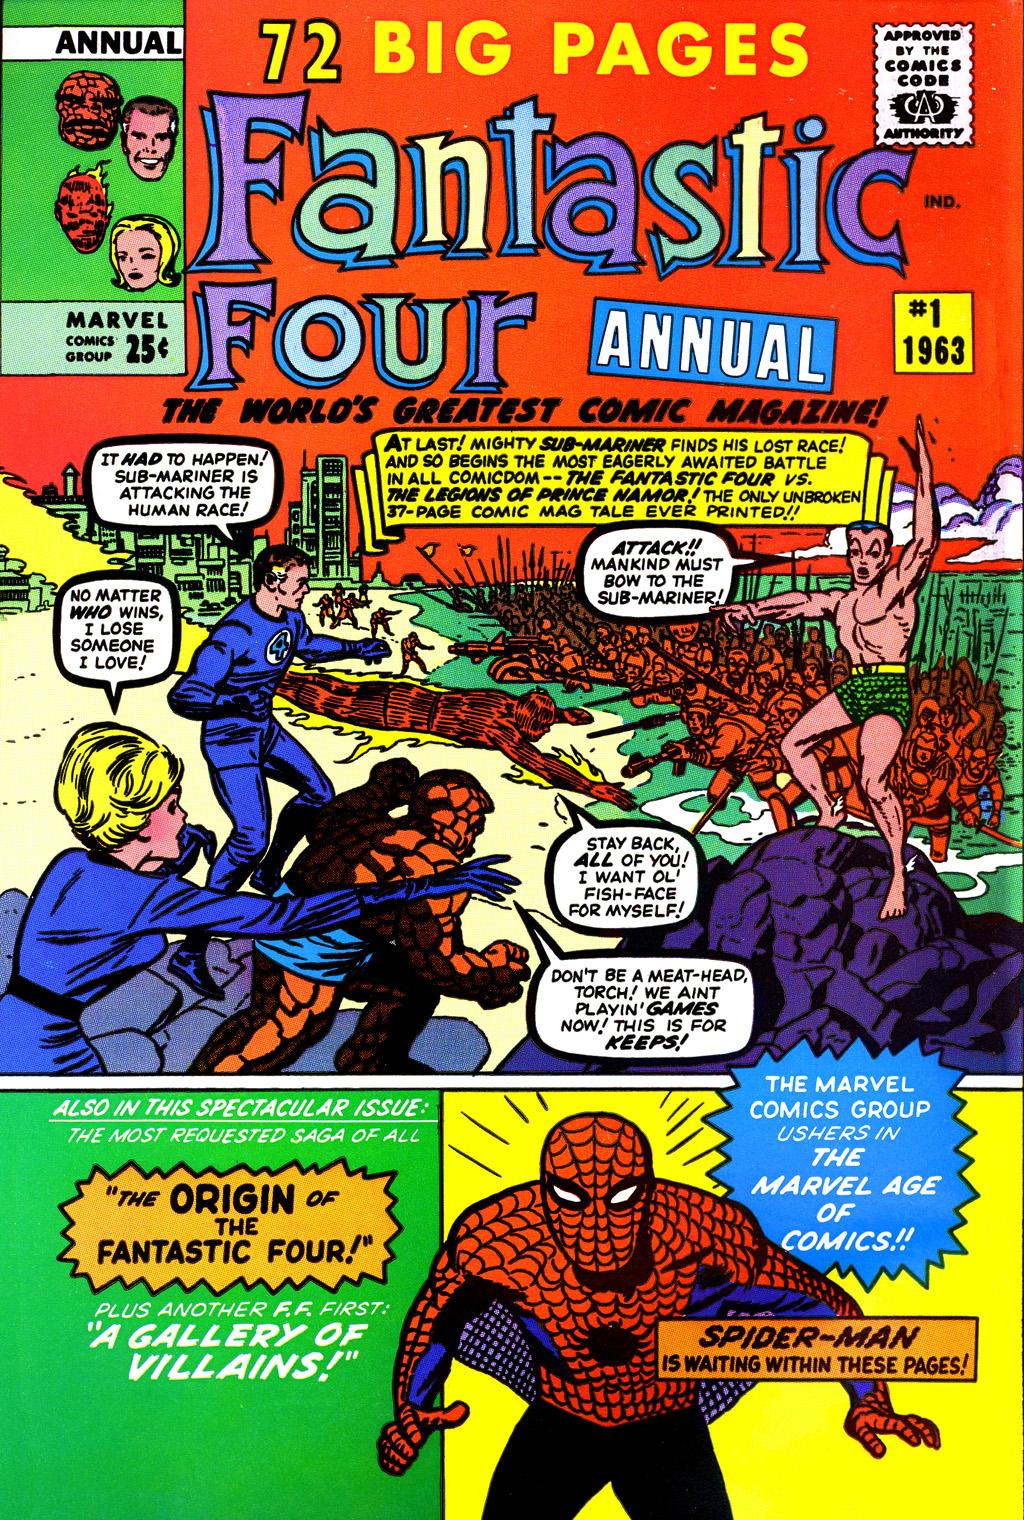 Fantastic Four Annual Vol 1 1 variant@a.jpg